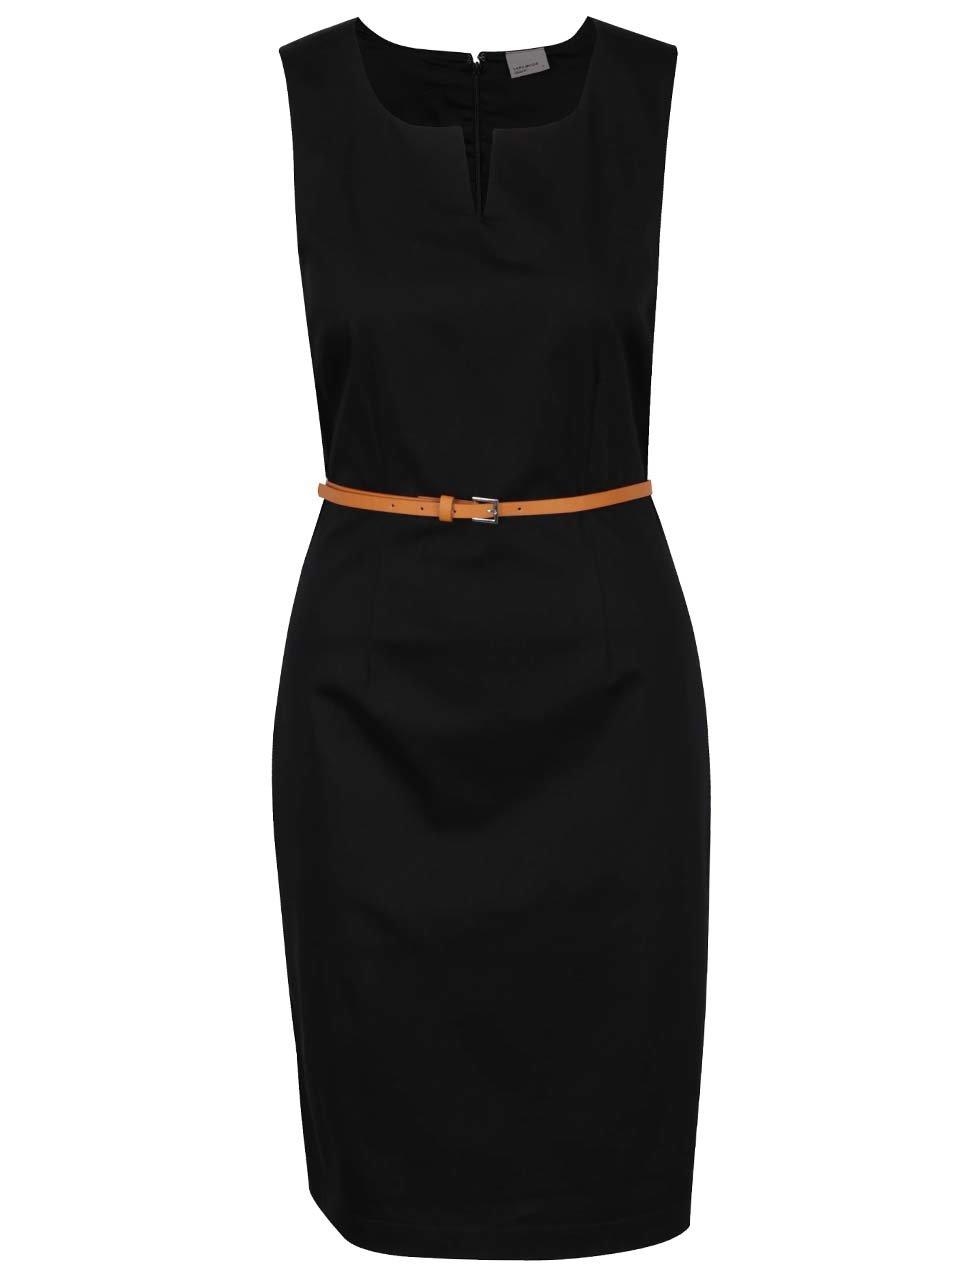 b1fc8dfef4 Čierne puzdrové šaty s opaskom VERO MODA Pekaya ...